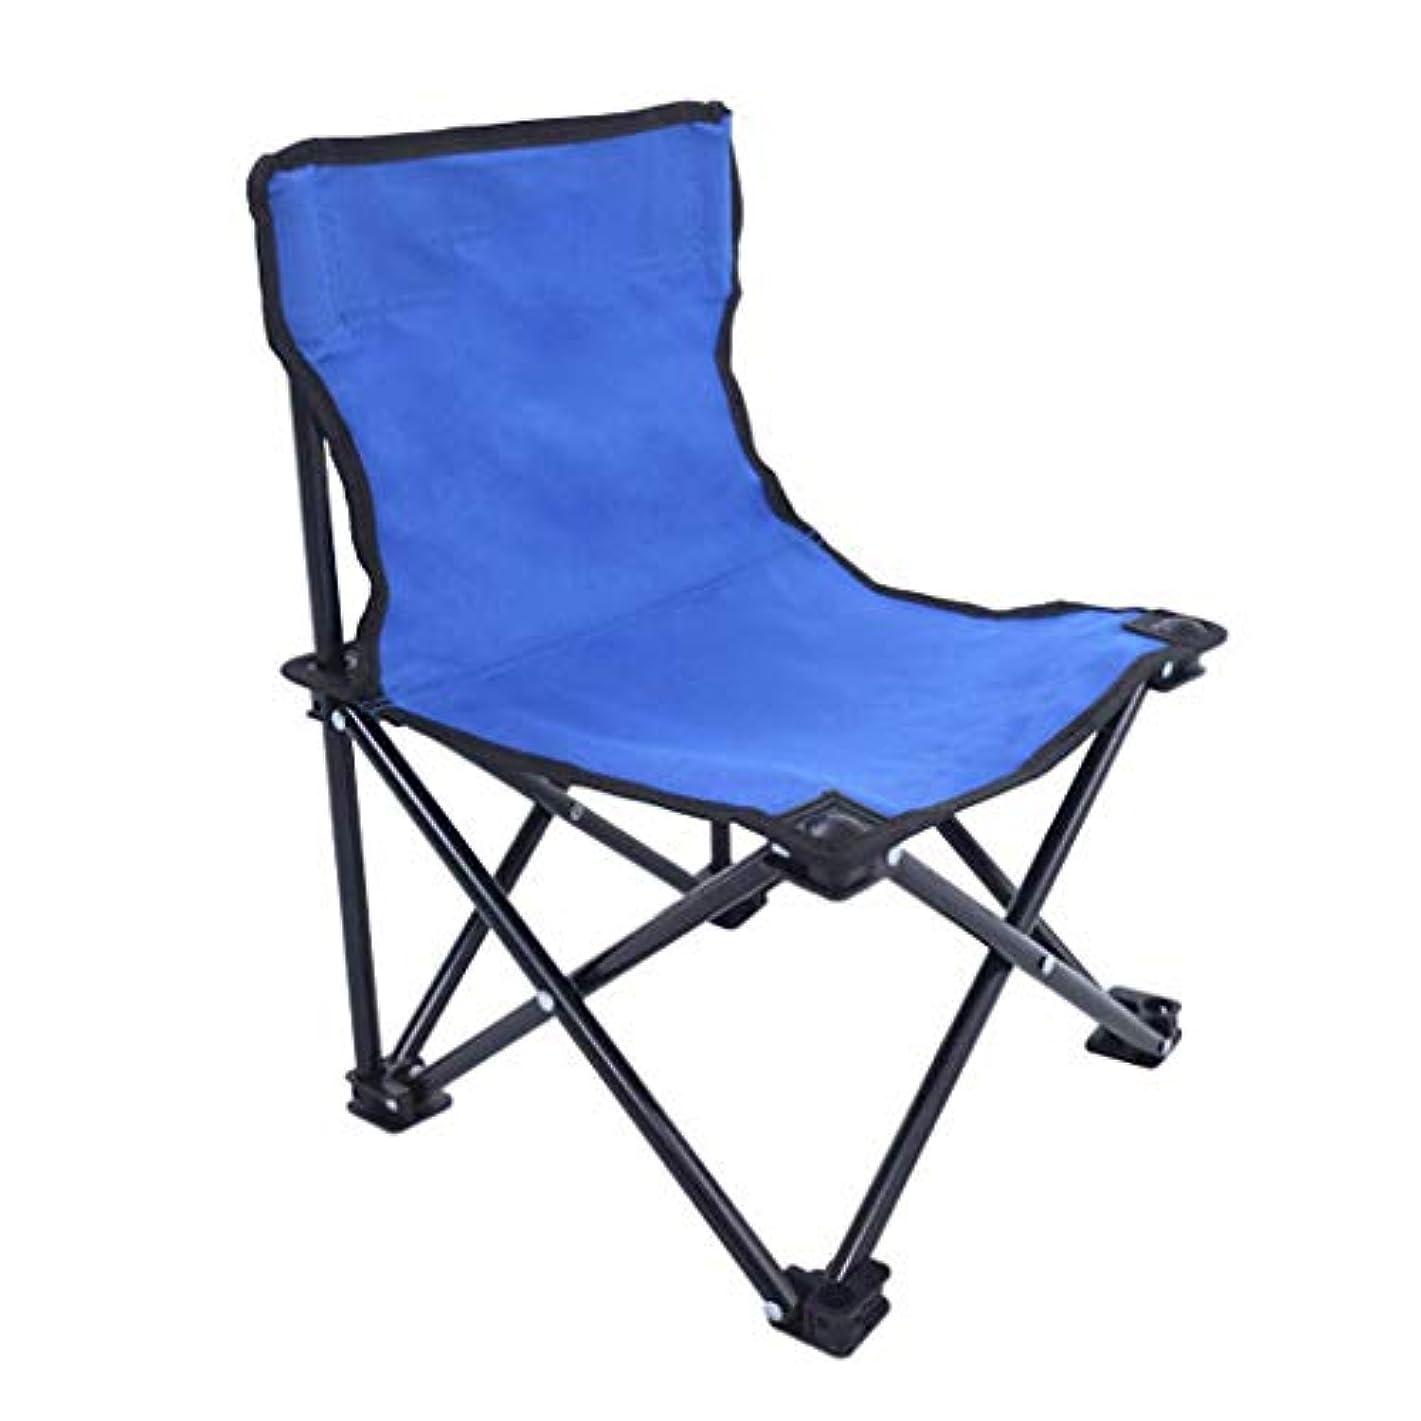 ネックレット押す居心地の良い小型キャンプチェア軽量ポータブル折りたたみスツール付き登山冒険ハイキング釣りビーチピクニックパーティーガーデニング - ブルー